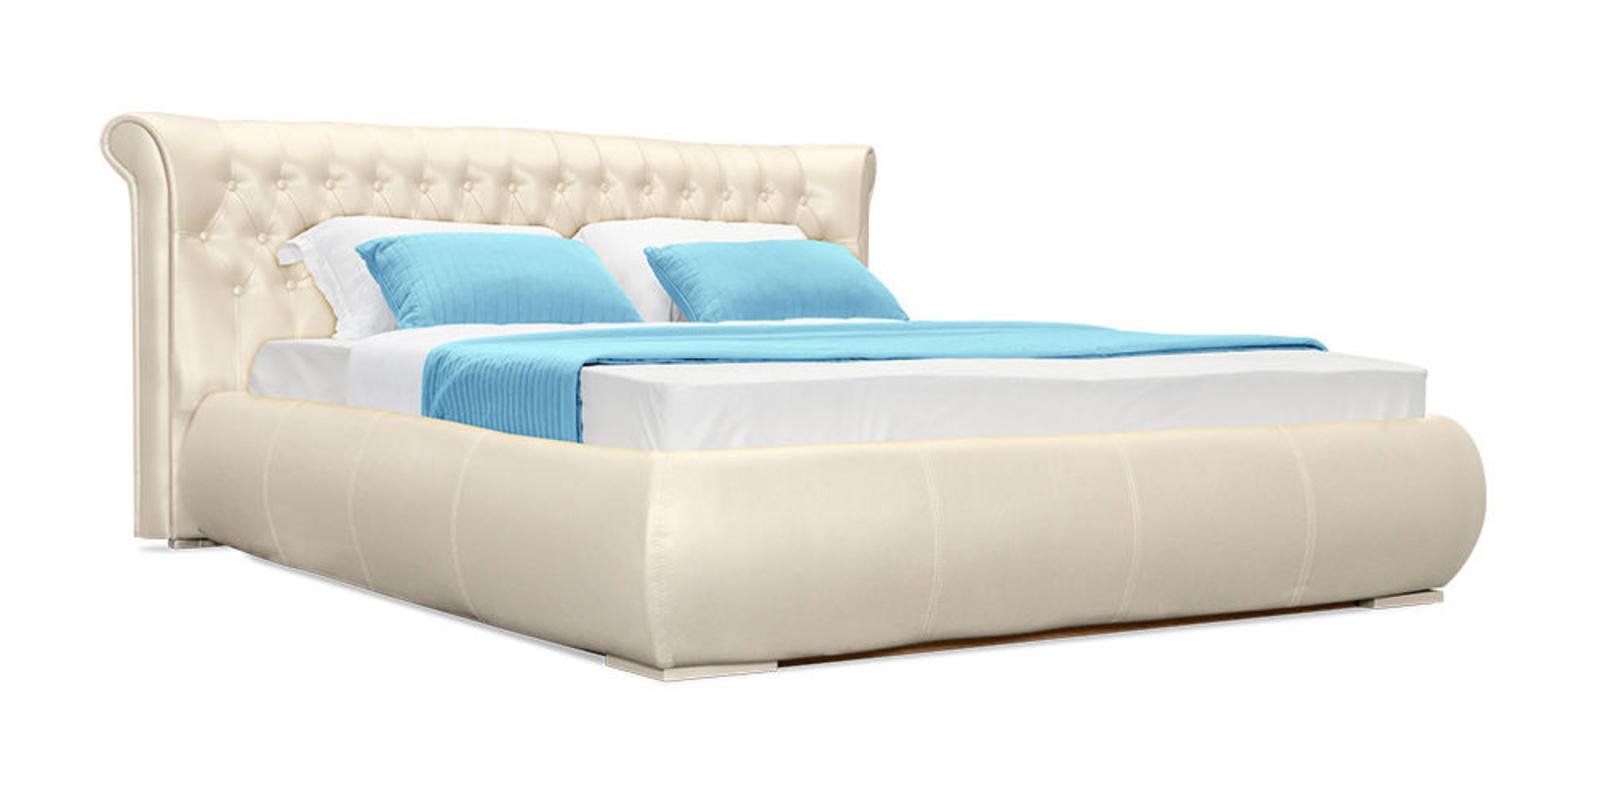 Кровать мягкая Вирджиния с подъемным механизмом (Перламутр)